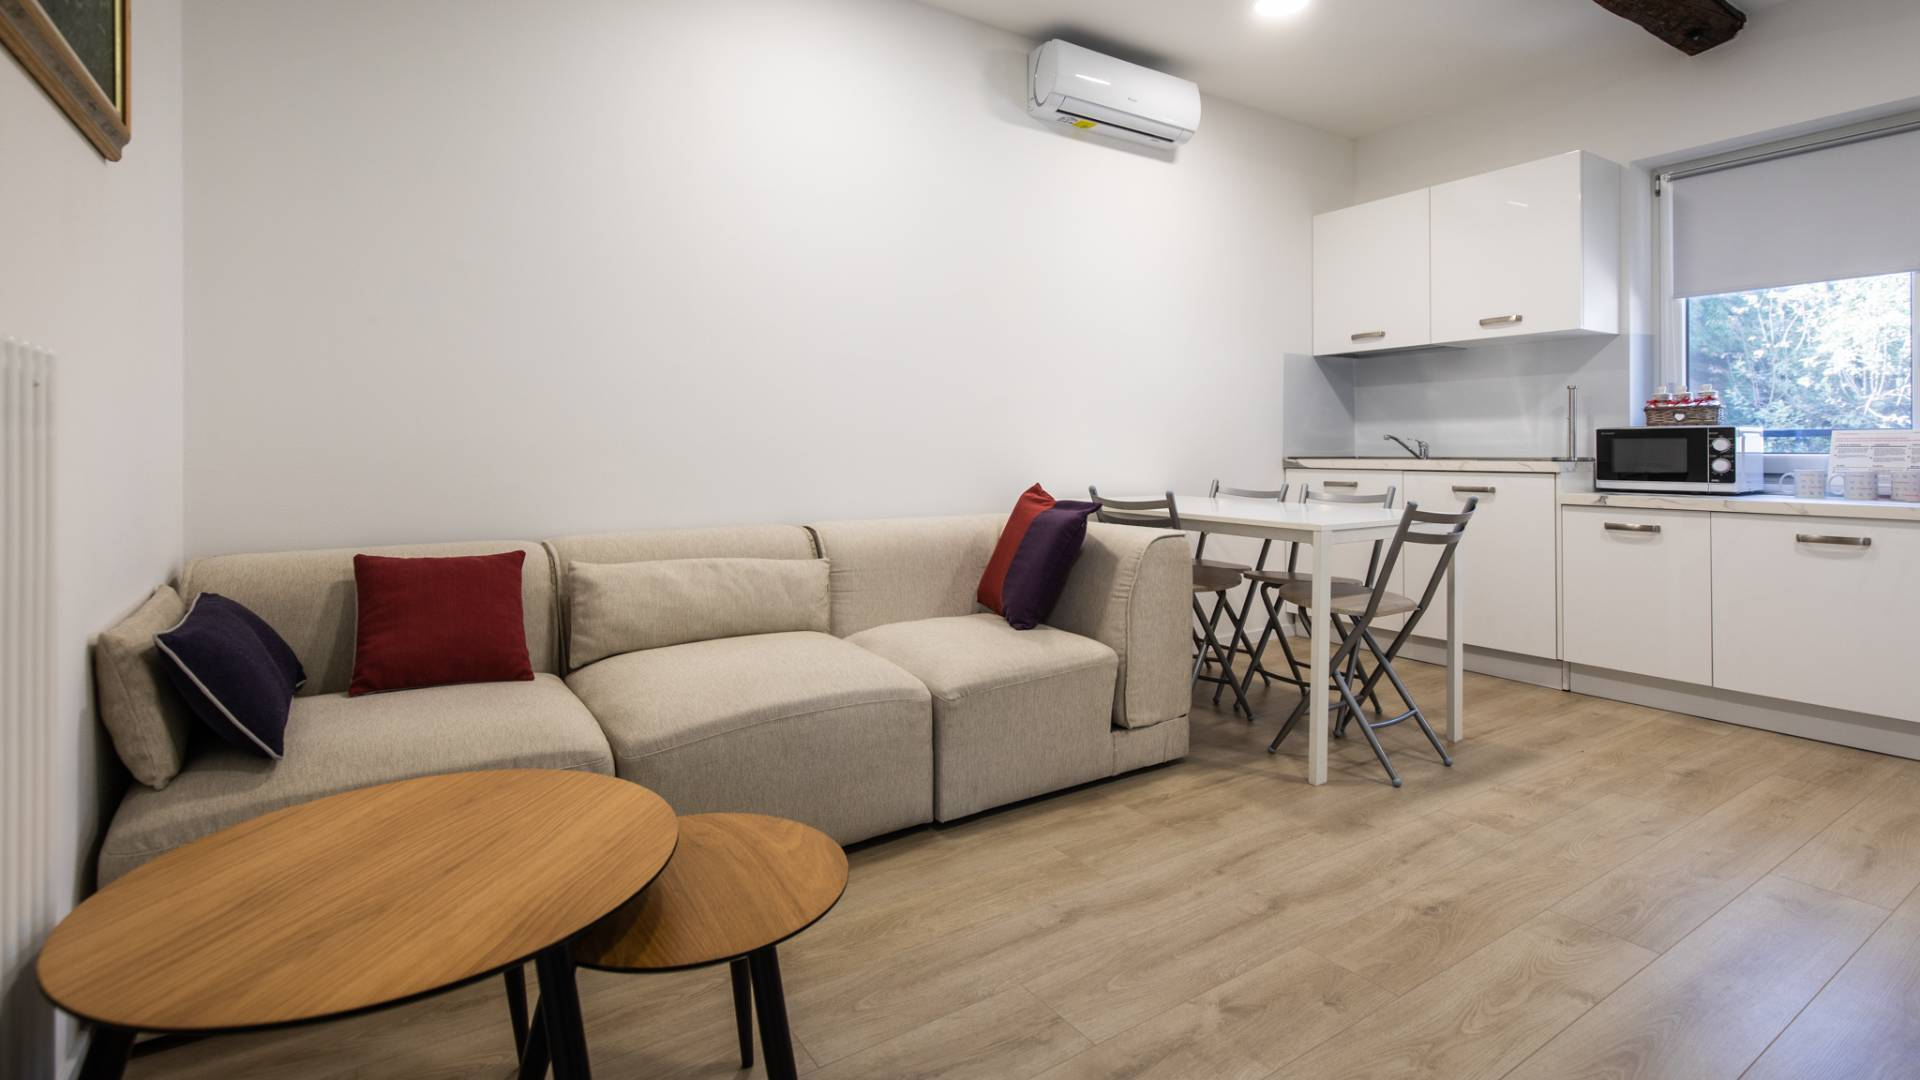 Appartamento in affitto a Udine, 3 locali, zona Località: viaCividale, Trattative riservate   CambioCasa.it